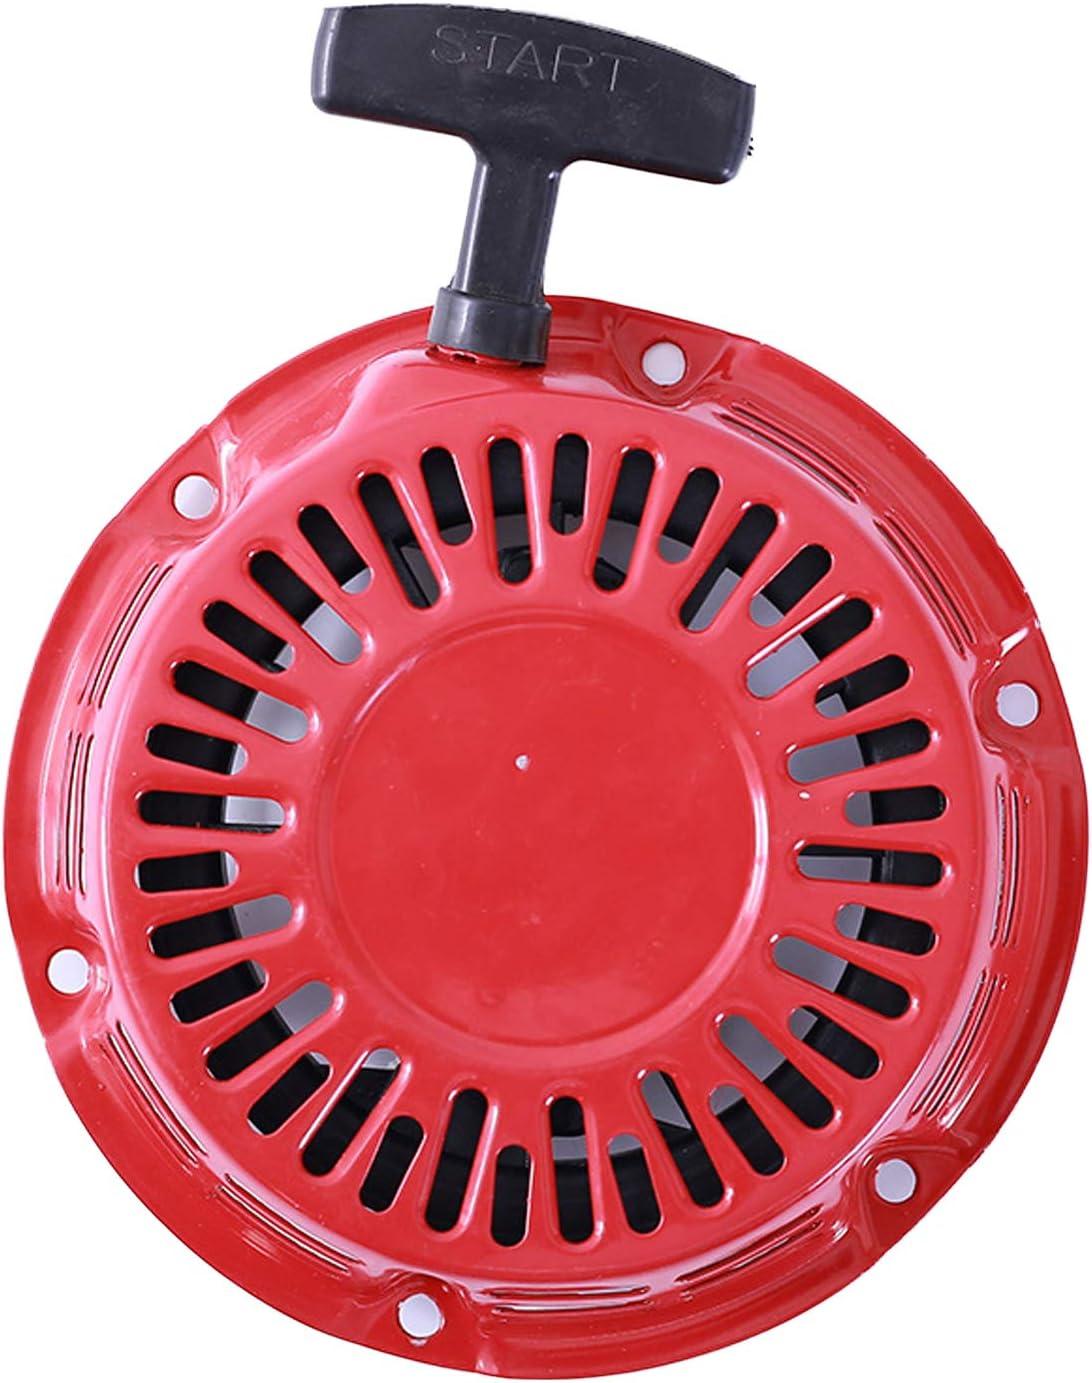 Arrancador de retroceso con tracción universal Compatible con Honda GX160 GX200 Motor Motor Generador Propel Cortacésped Bomba de agua Compresor